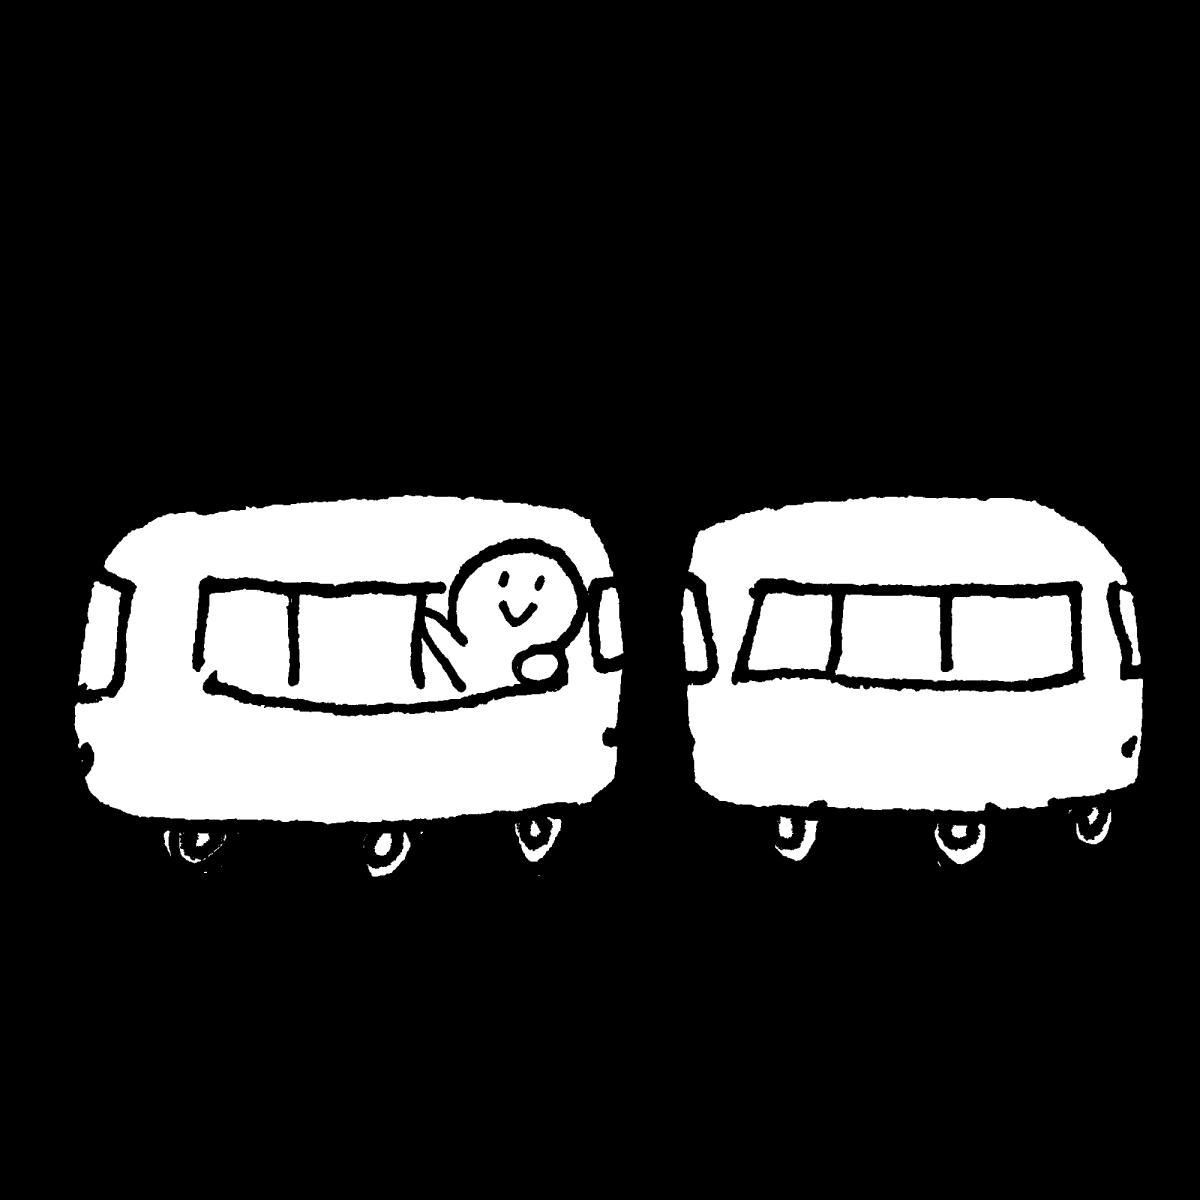 電車のイラスト / electric train Illustration